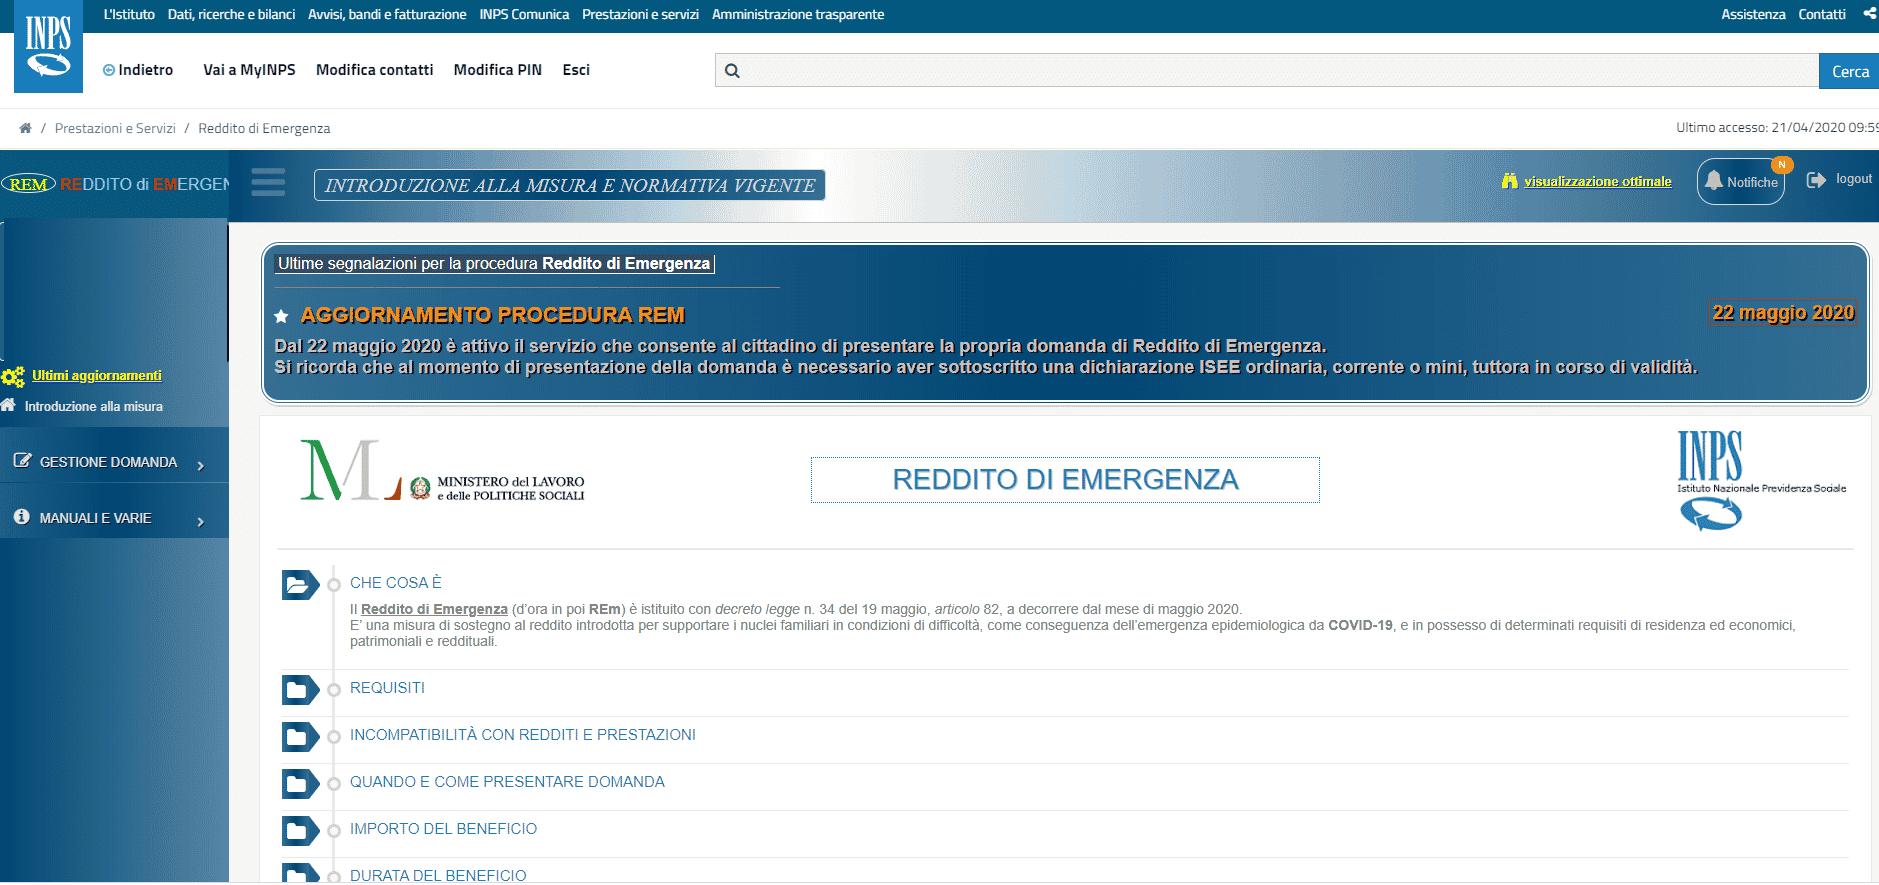 Reddito di emergenza, Inps darà fino 840 euro ma bisognerà presentare la domanda entro il 30 giugno